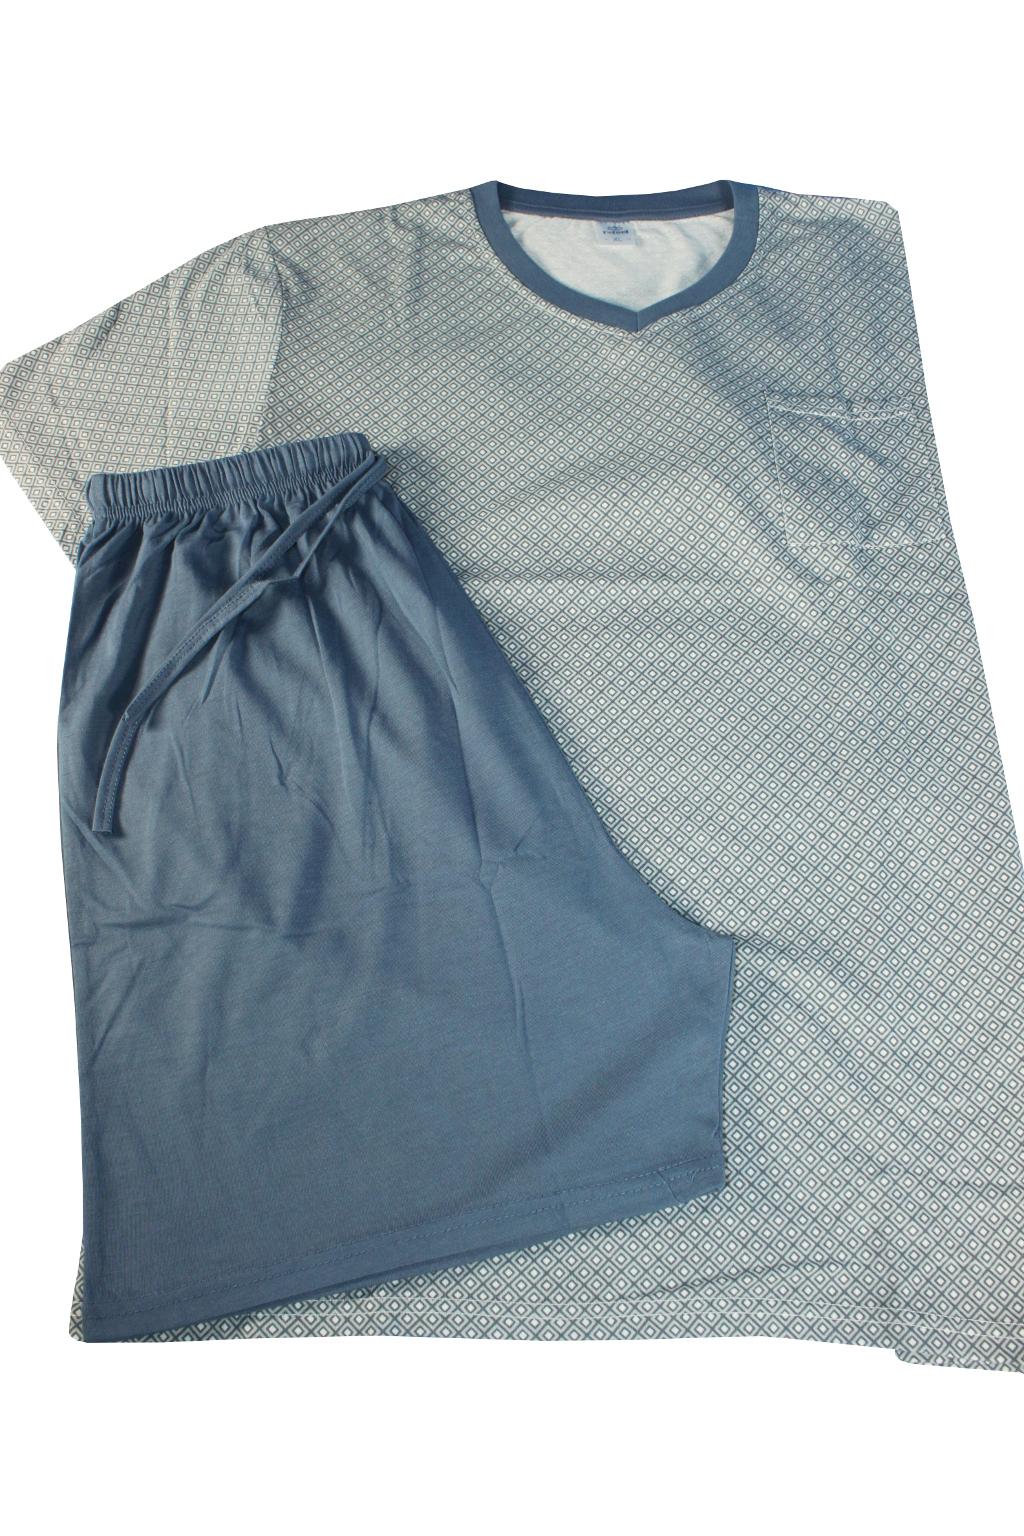 Javon pánské pyžamo XL šedomodrá